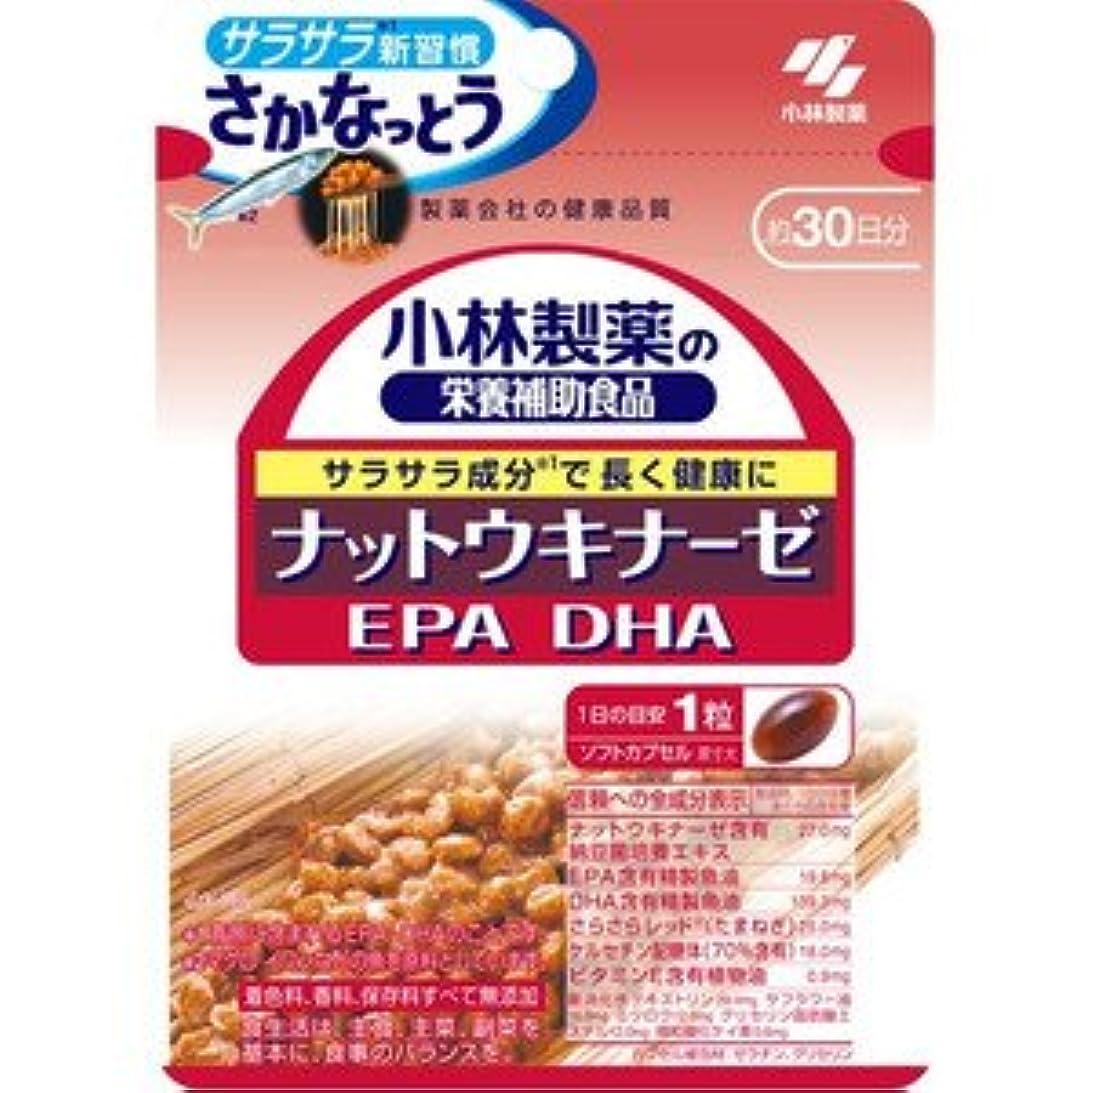 計算可能伸ばす近代化【小林製薬】ナットウキナーゼ (EPA/DHA) 30粒(お買い得3個セット)